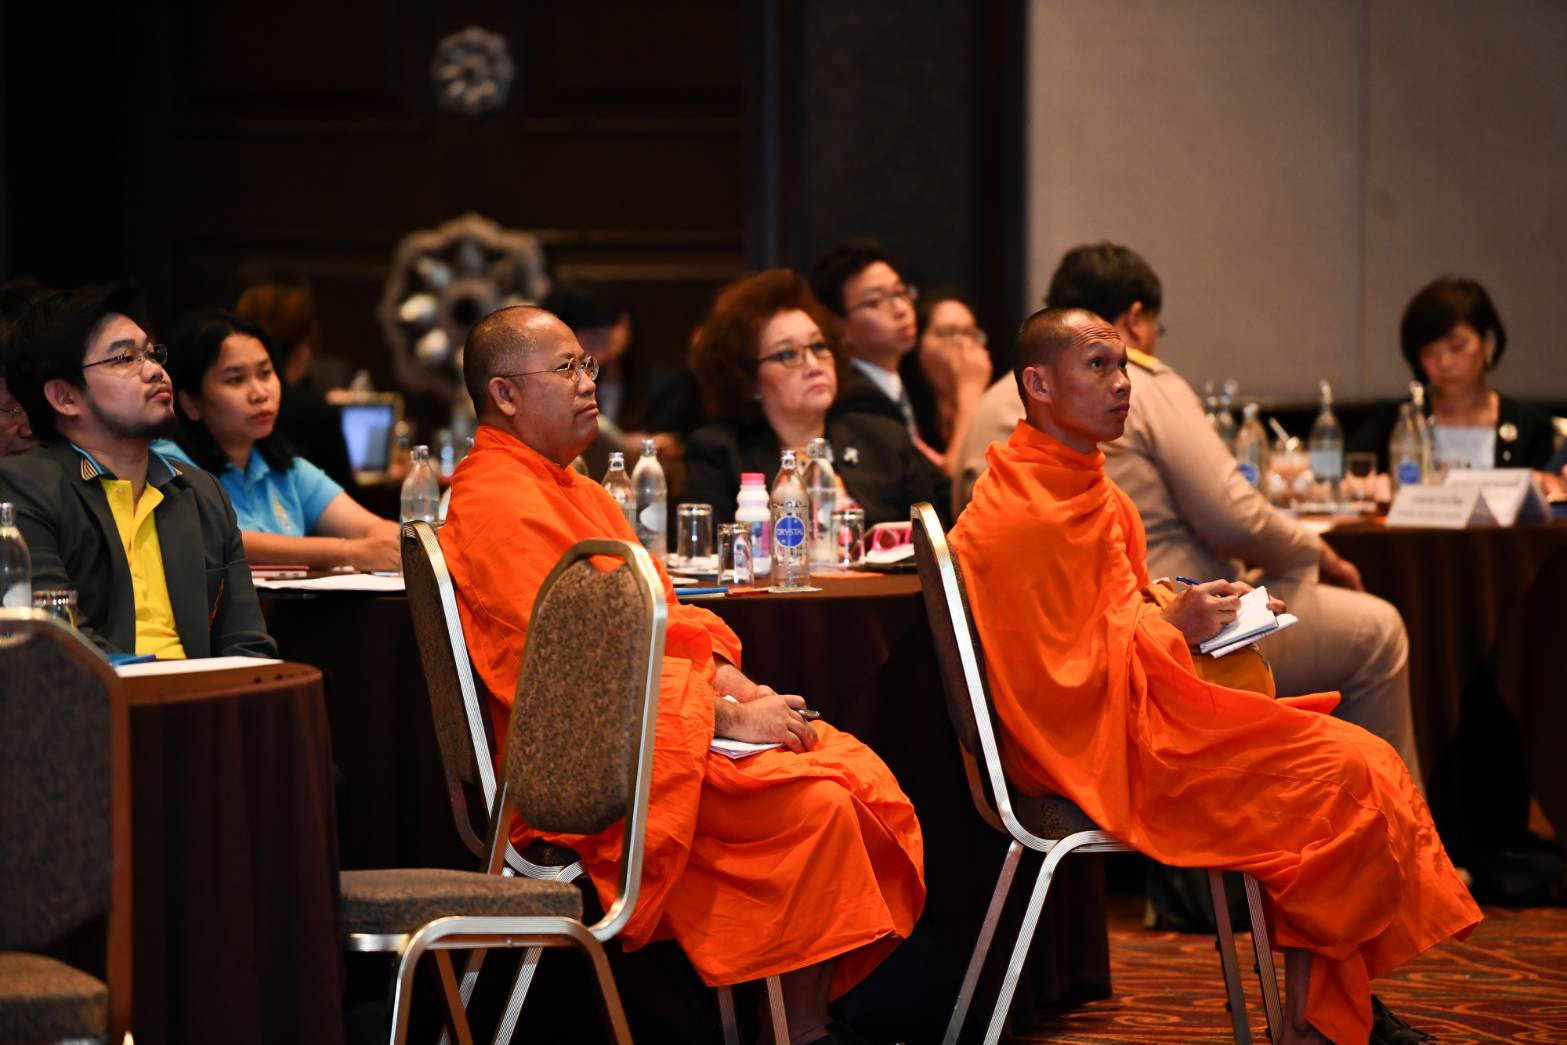 610806 รอง กต ประชุมผู้บริหารระดับสูงที่รับผิดชอบงานด้านต่างประเทศ 2